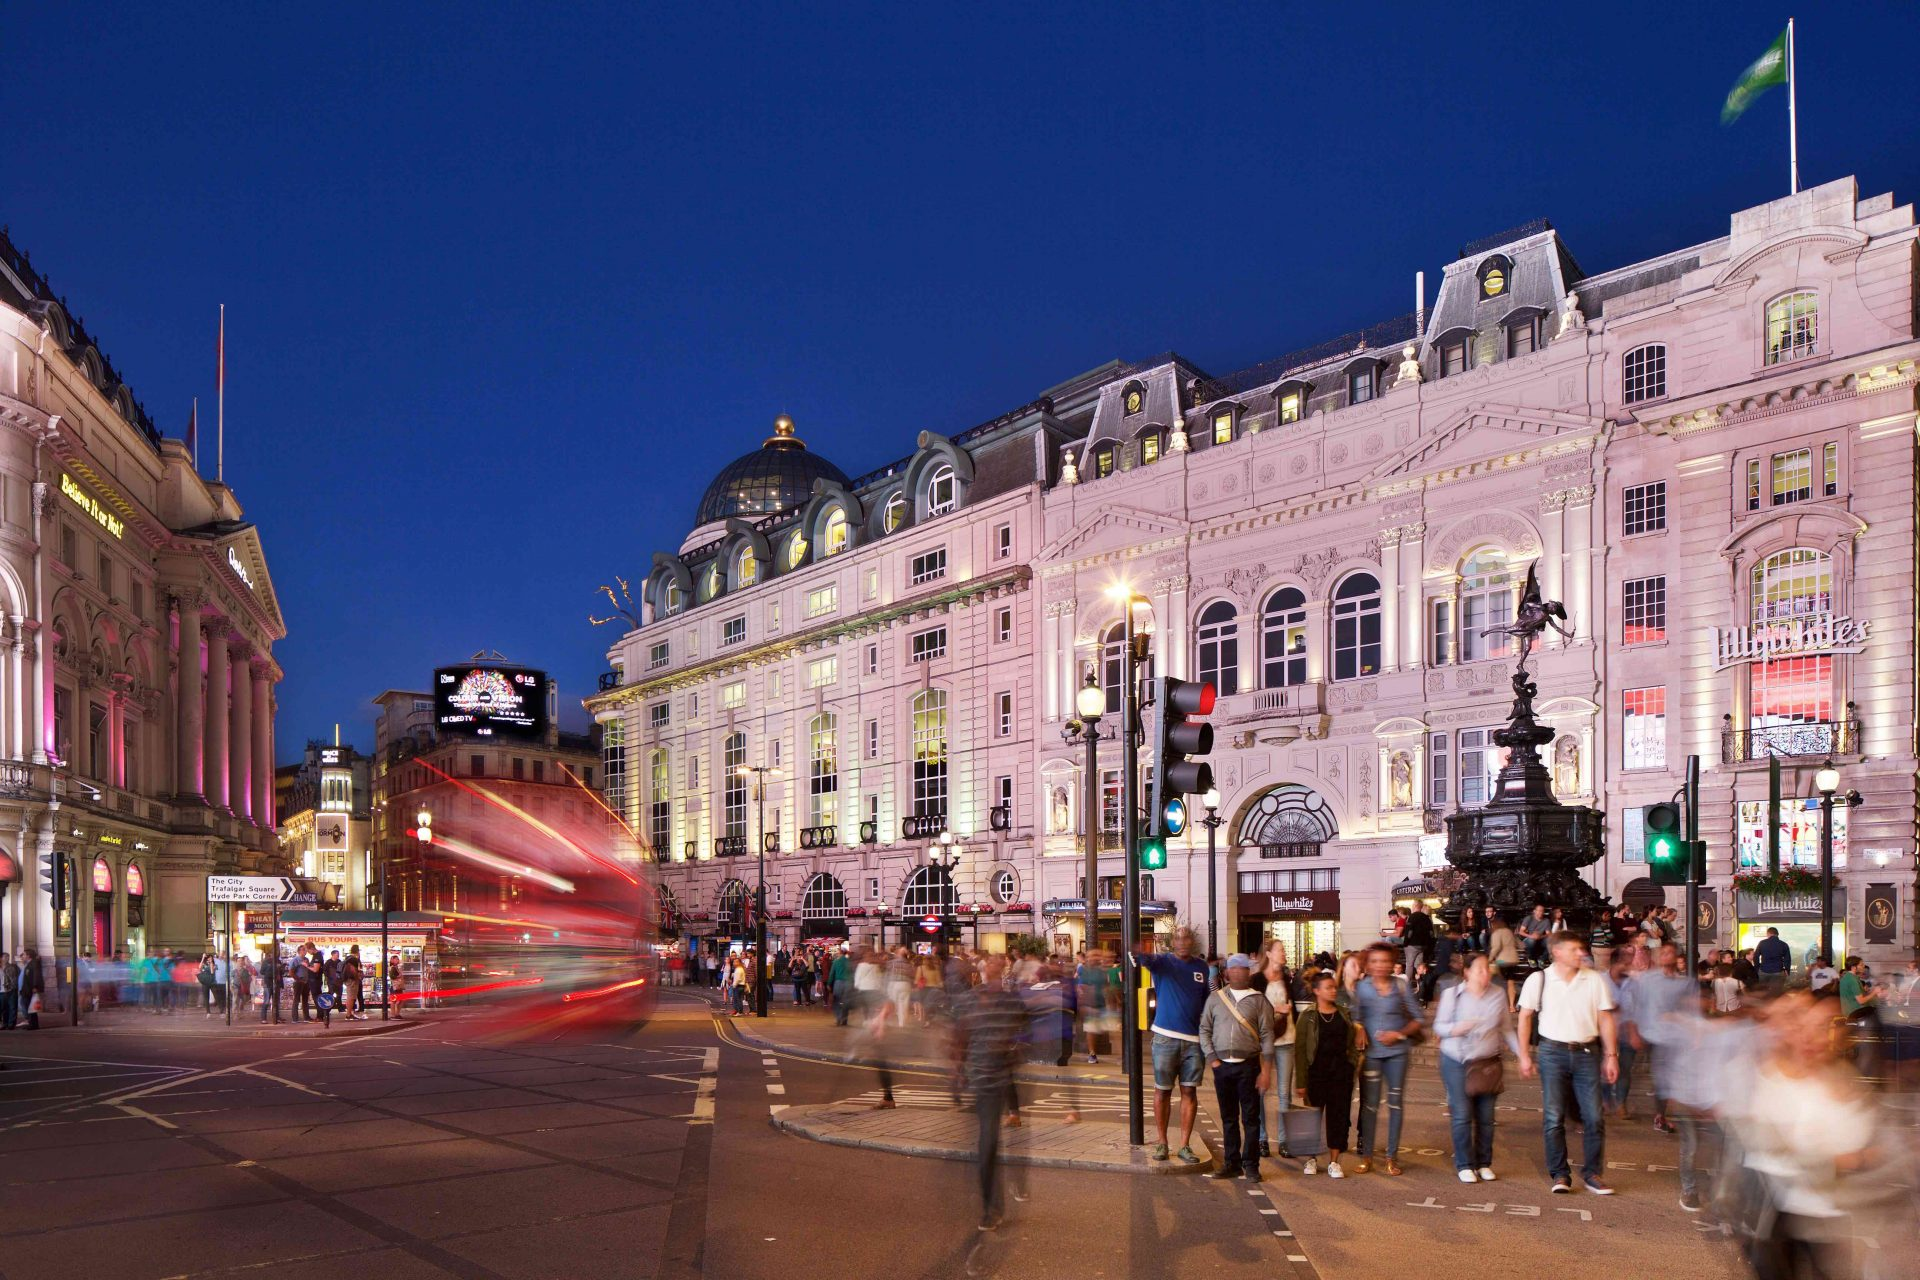 Heart of London